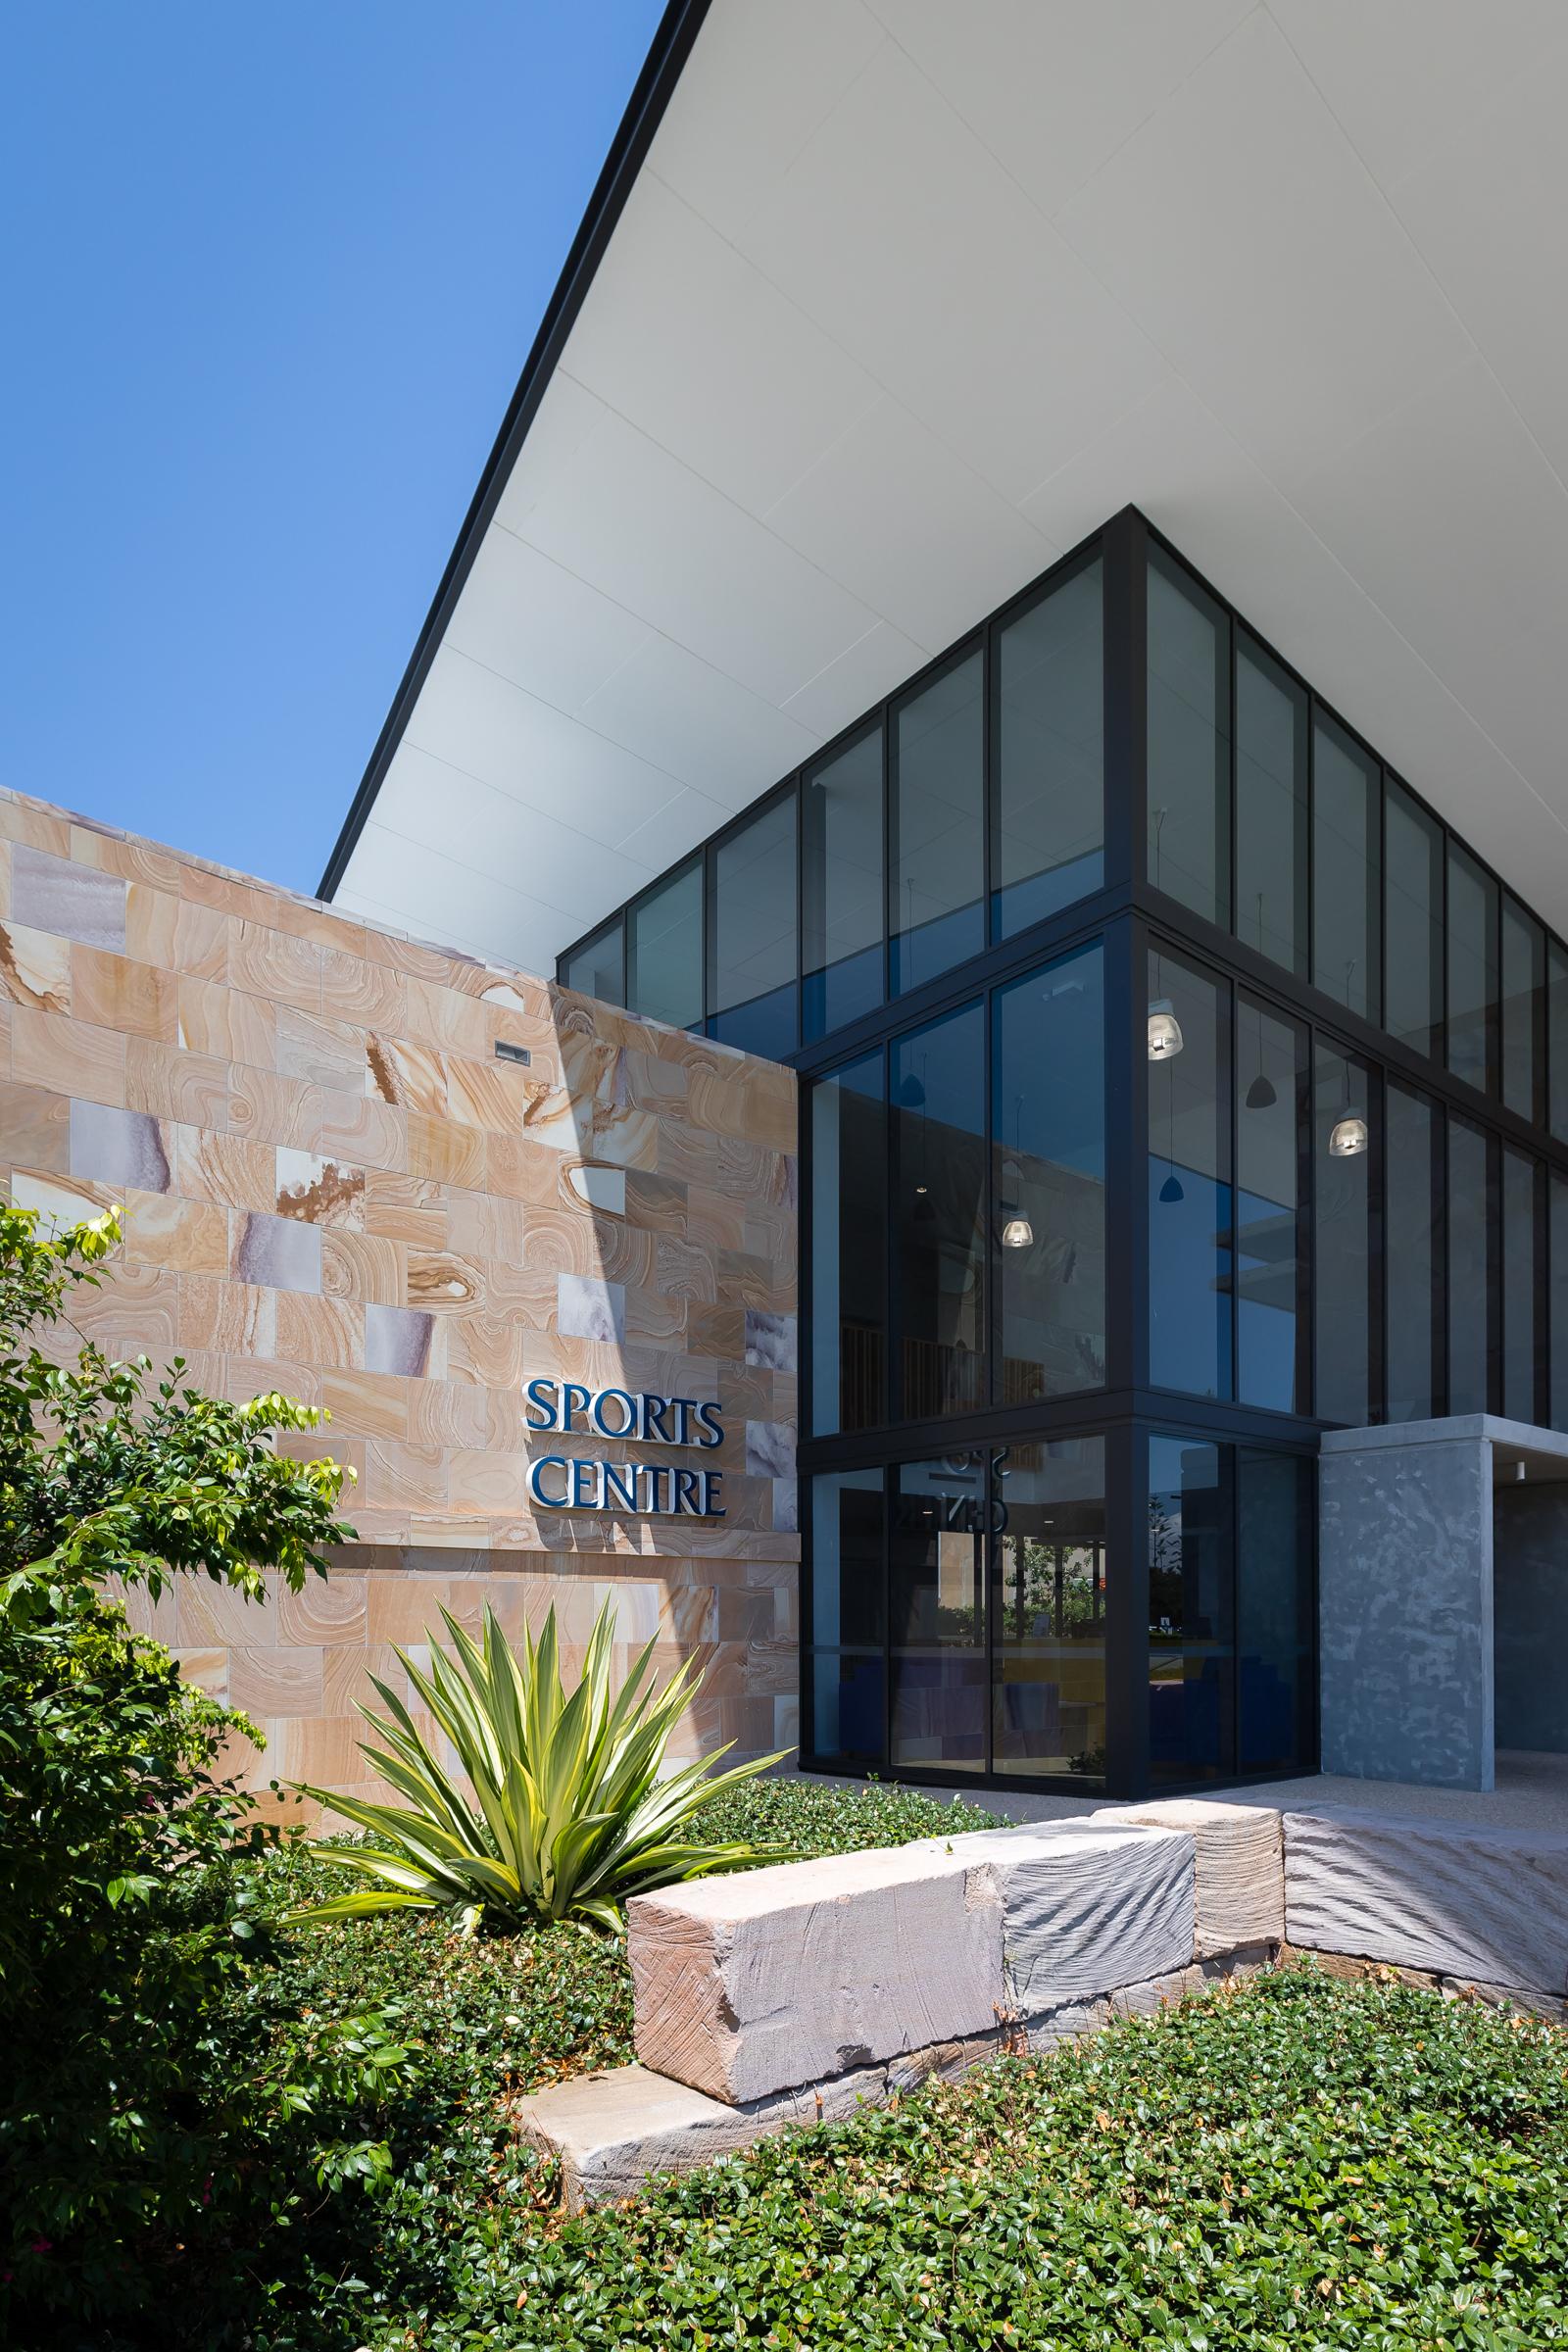 Bond University - Sports Centre - Commercial